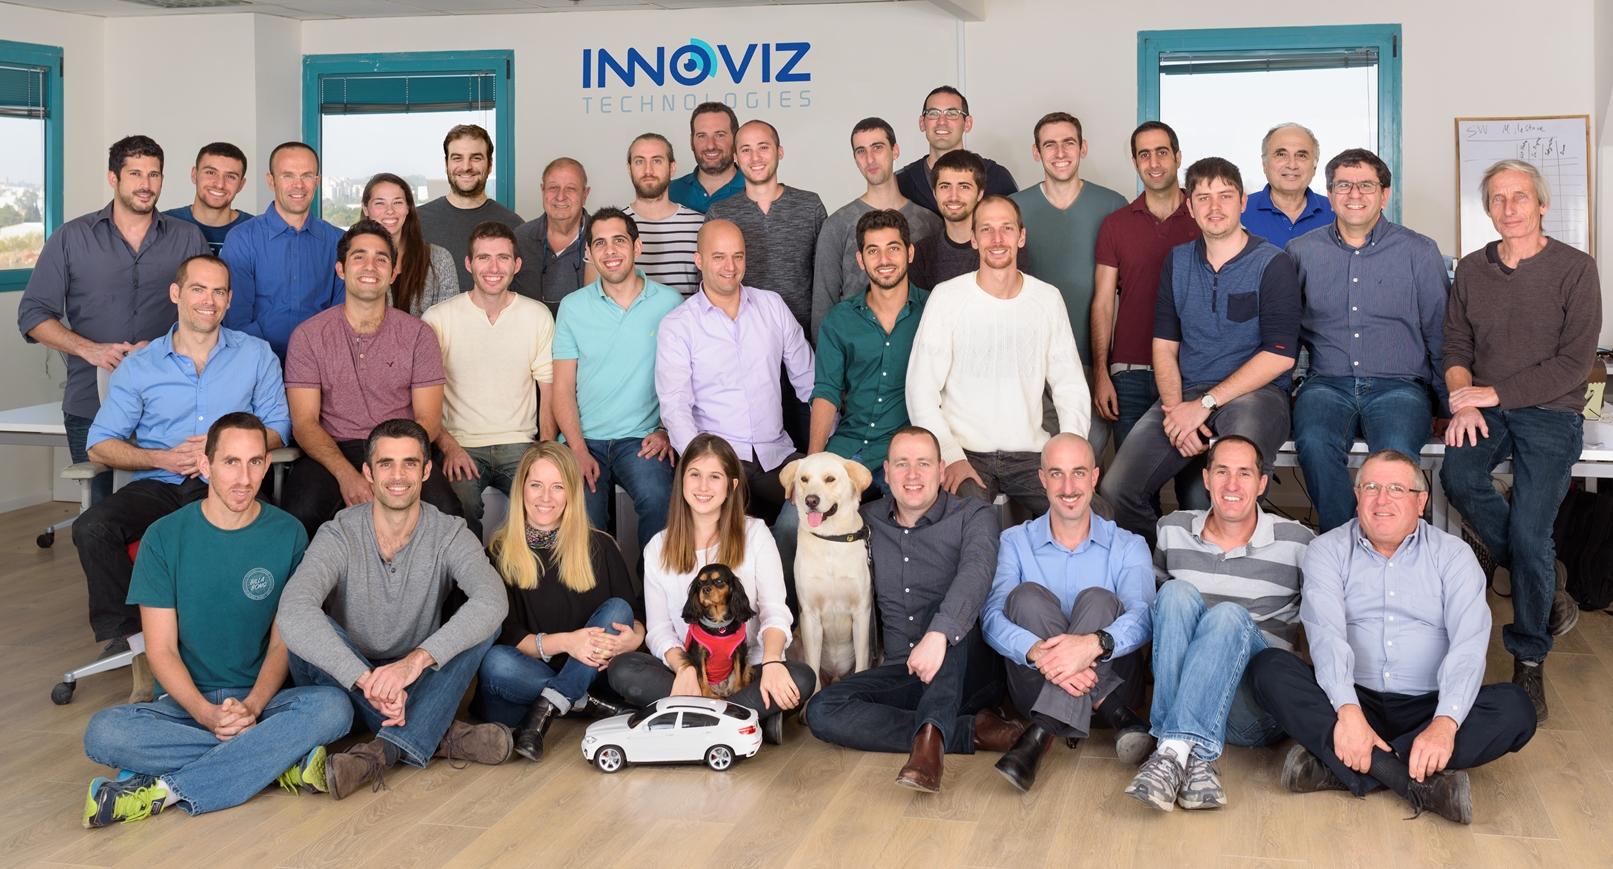 The Innoviz team. Photo: courtesy